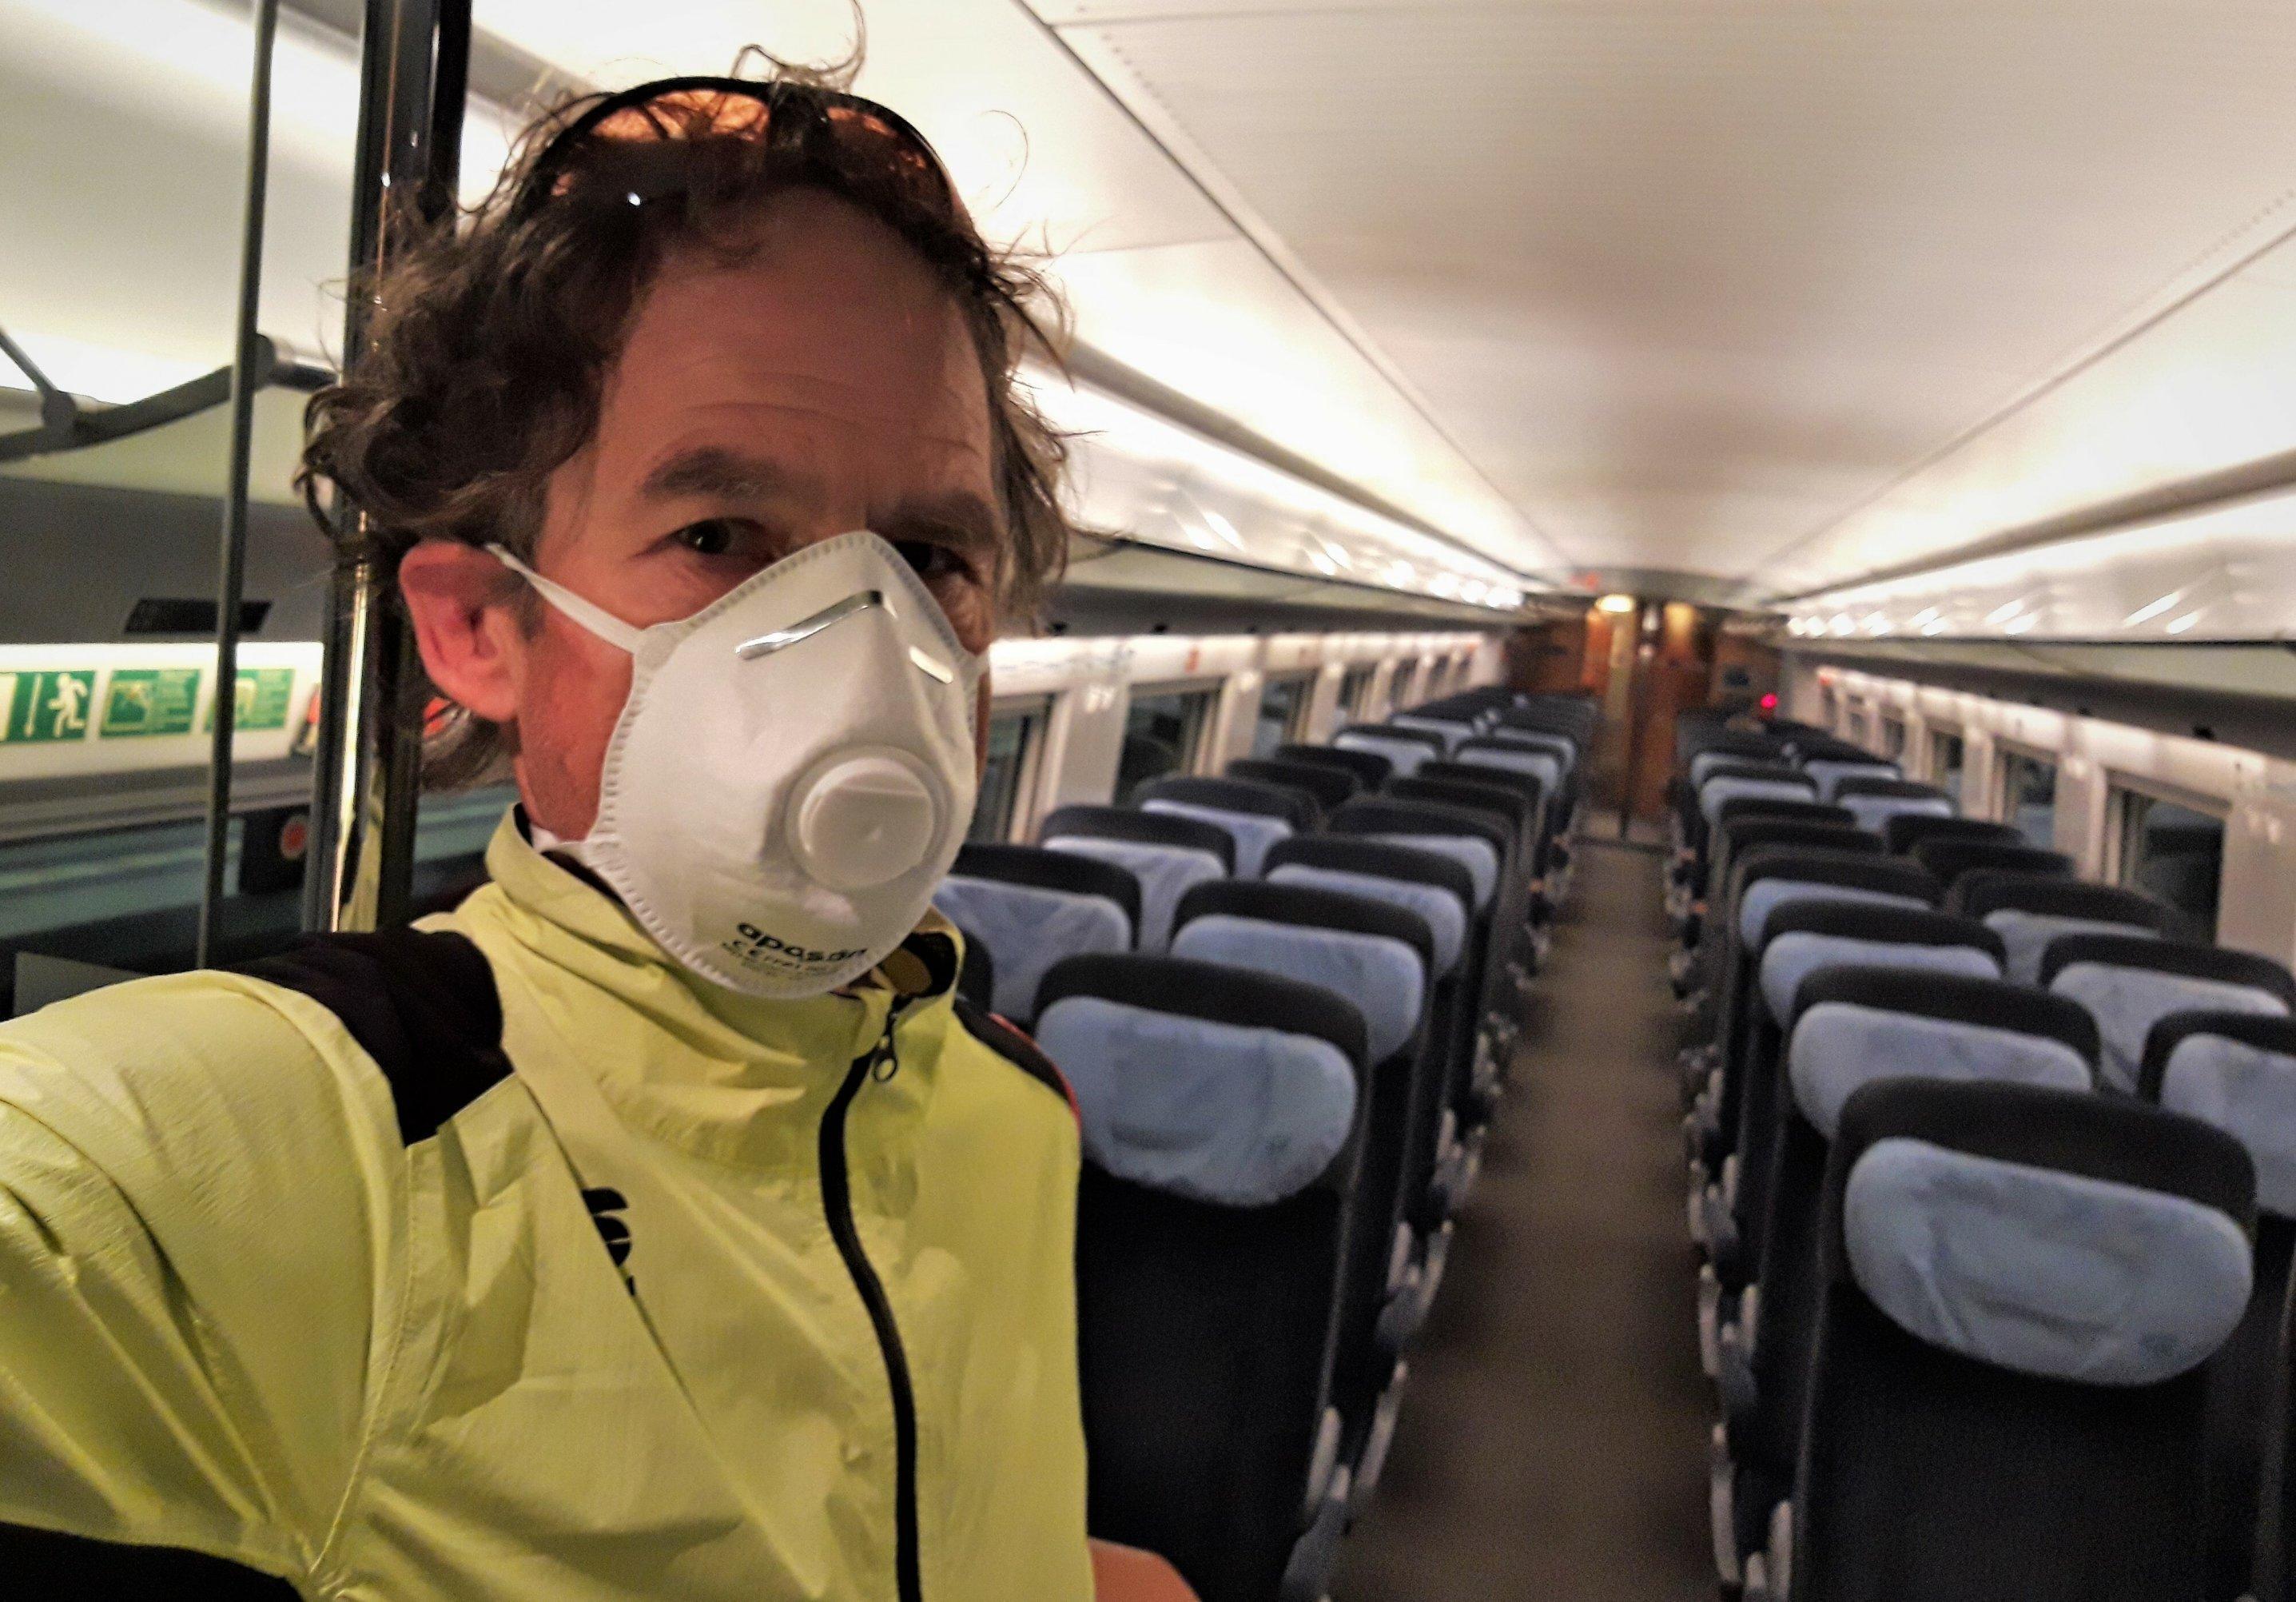 Der Autor hat einen Mundnasenschutz auf und steht an der Schiebetür zu einem völlig leeren ICE-Großraum-Waggon.